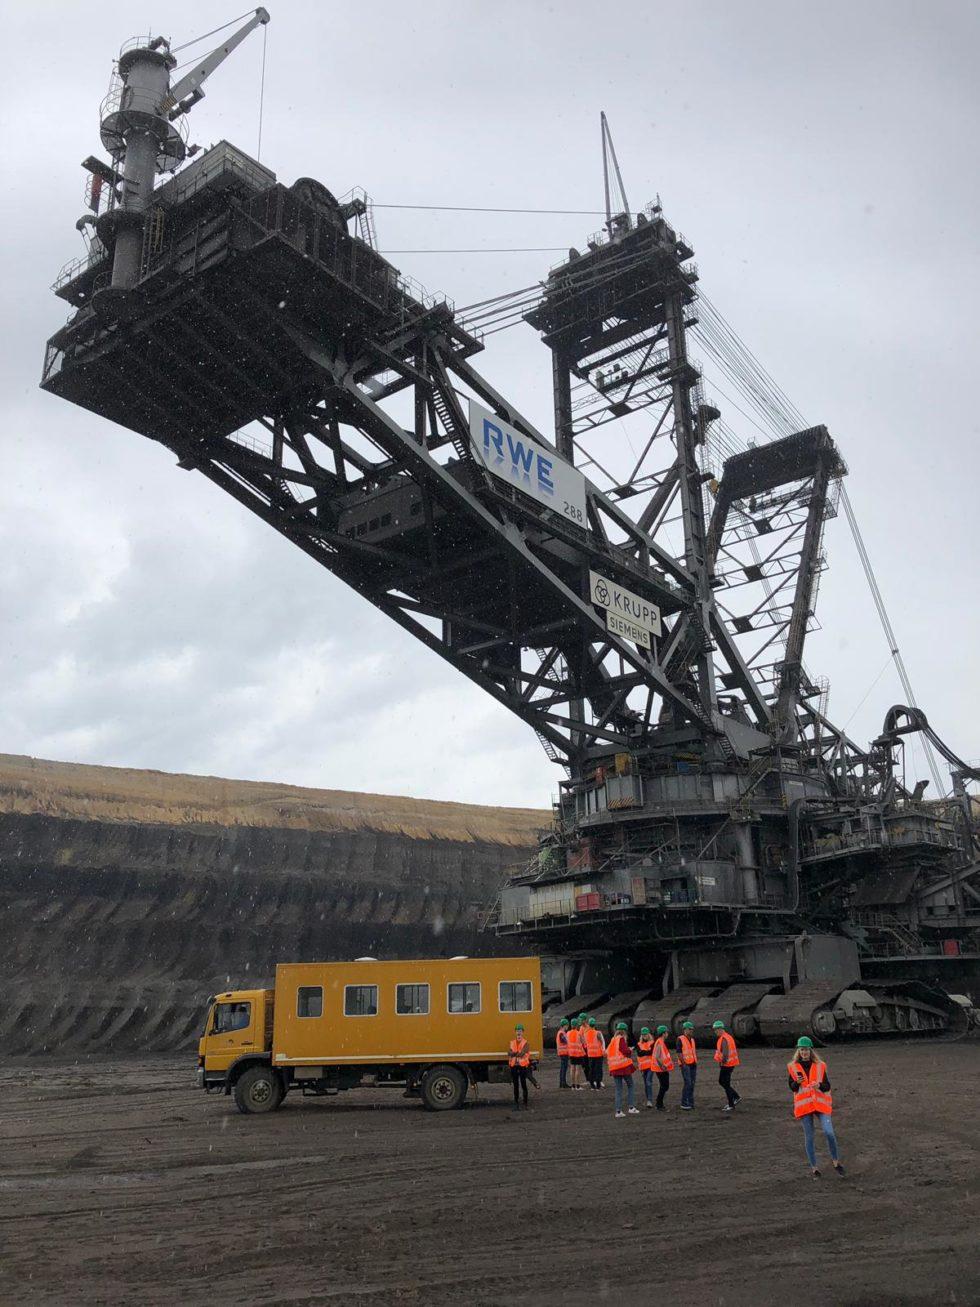 De mijn bij Garzweiler